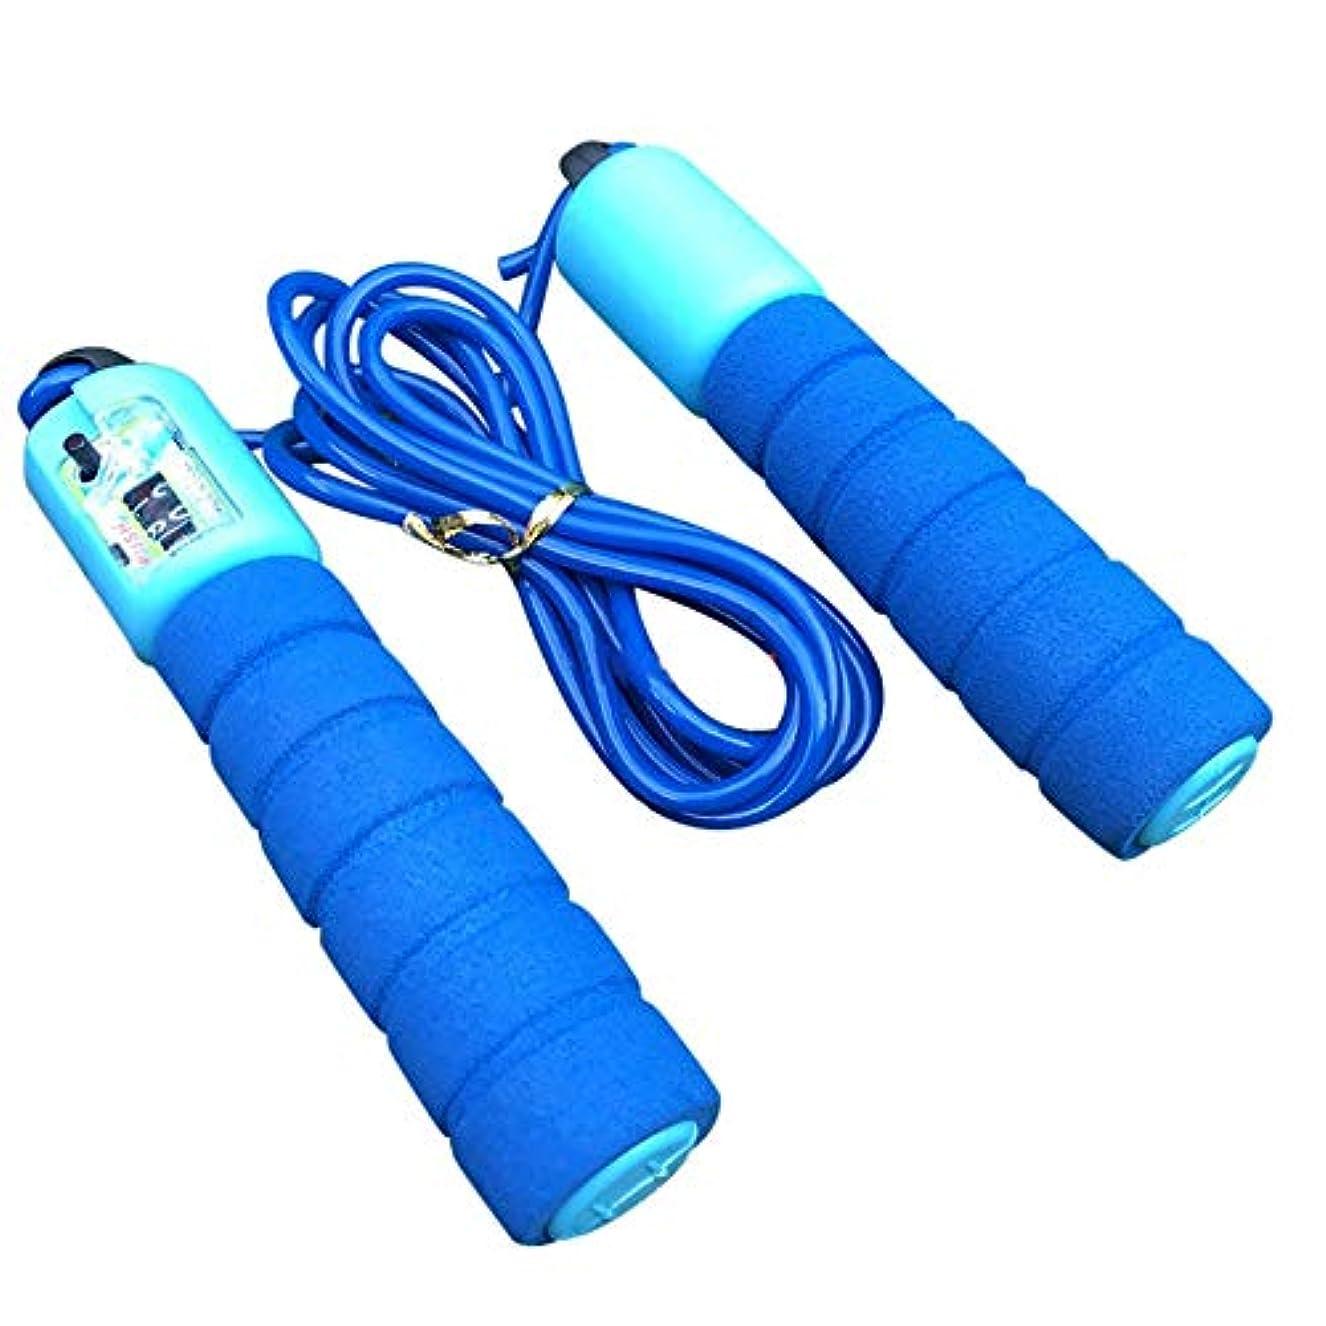 好戦的なアセ心臓調整可能なプロフェッショナルカウント縄跳び自動カウントジャンプロープフィットネス運動高速カウントジャンプロープ - 青